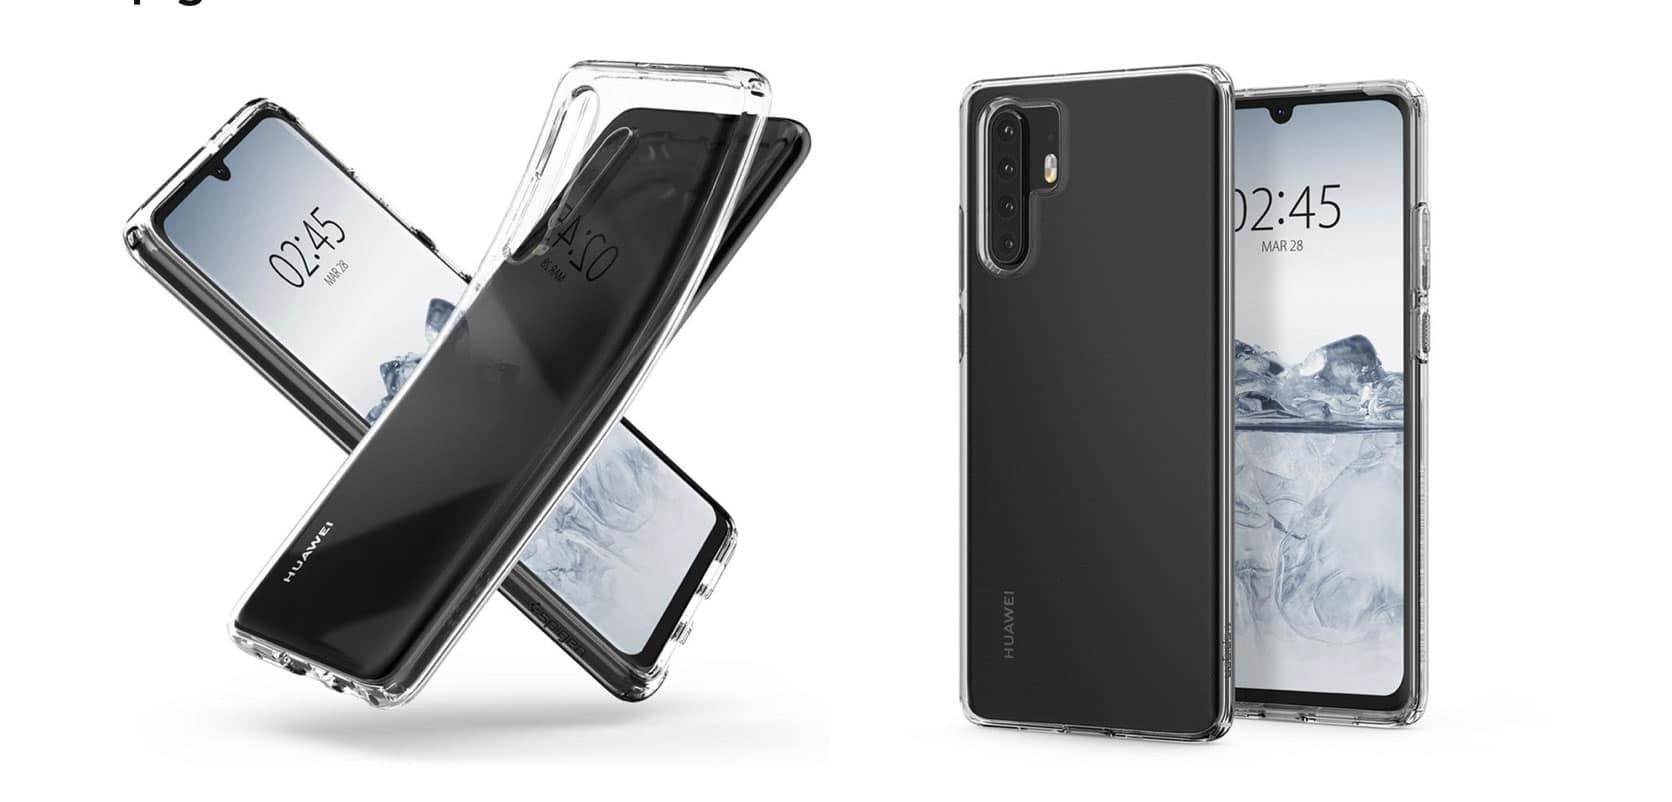 Pixel-Schlacht geht in die nächste Runde: Huawei P30 Pro Kamera-Details enthüllt 3 morethanandroid.de Pixel-Schlacht geht in die nächste Runde: Huawei P30 Pro Kamera-Details enthüllt